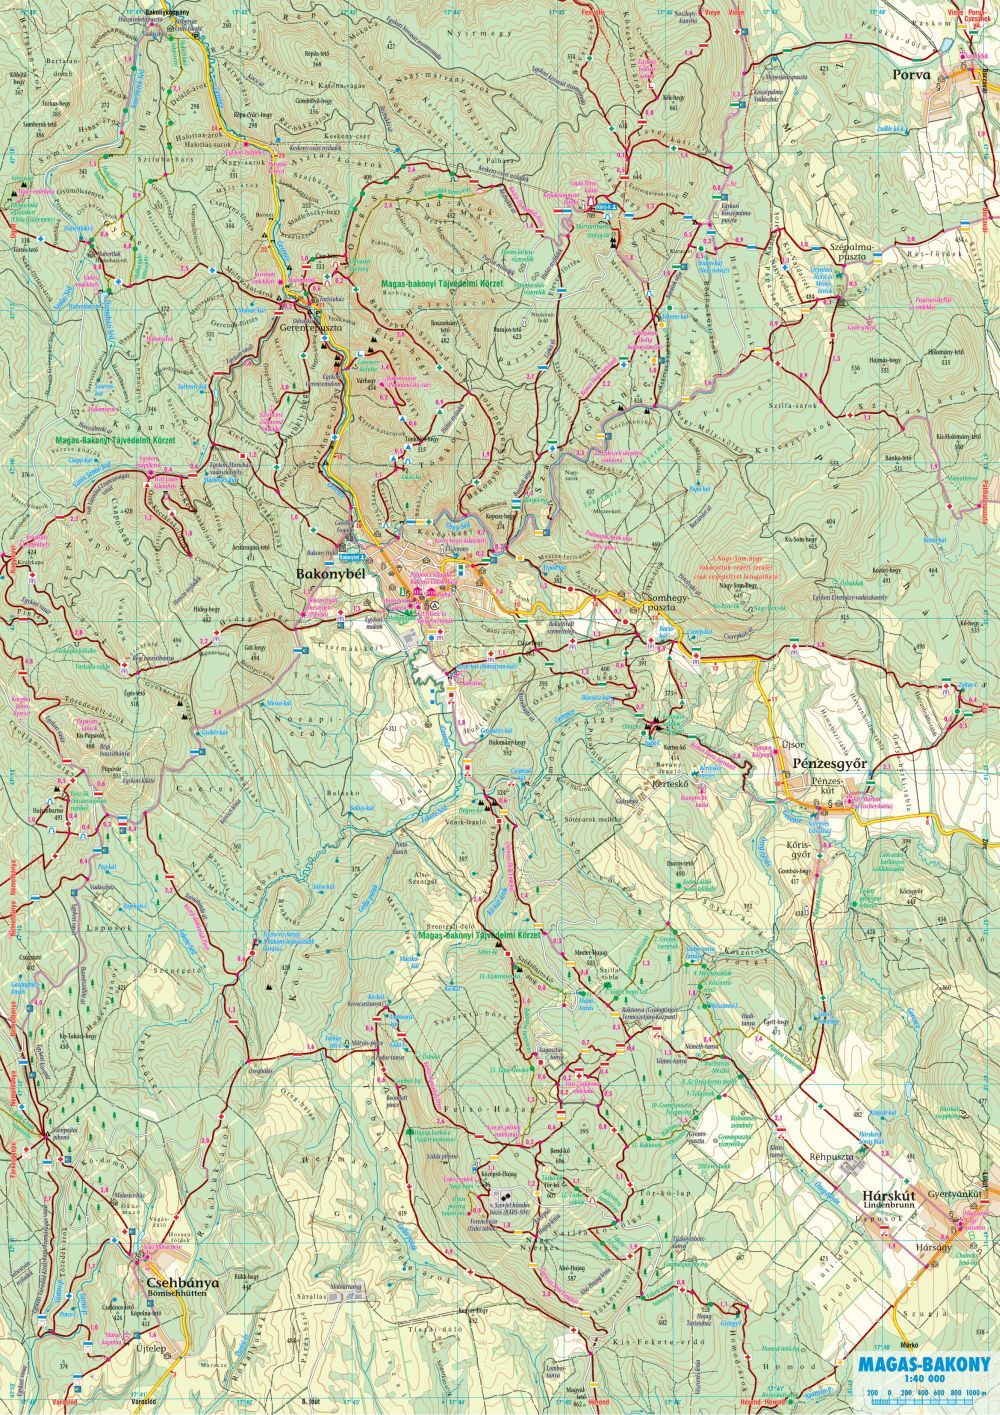 A Magas-Bakony 1:40.000 térkép által lefedett terület